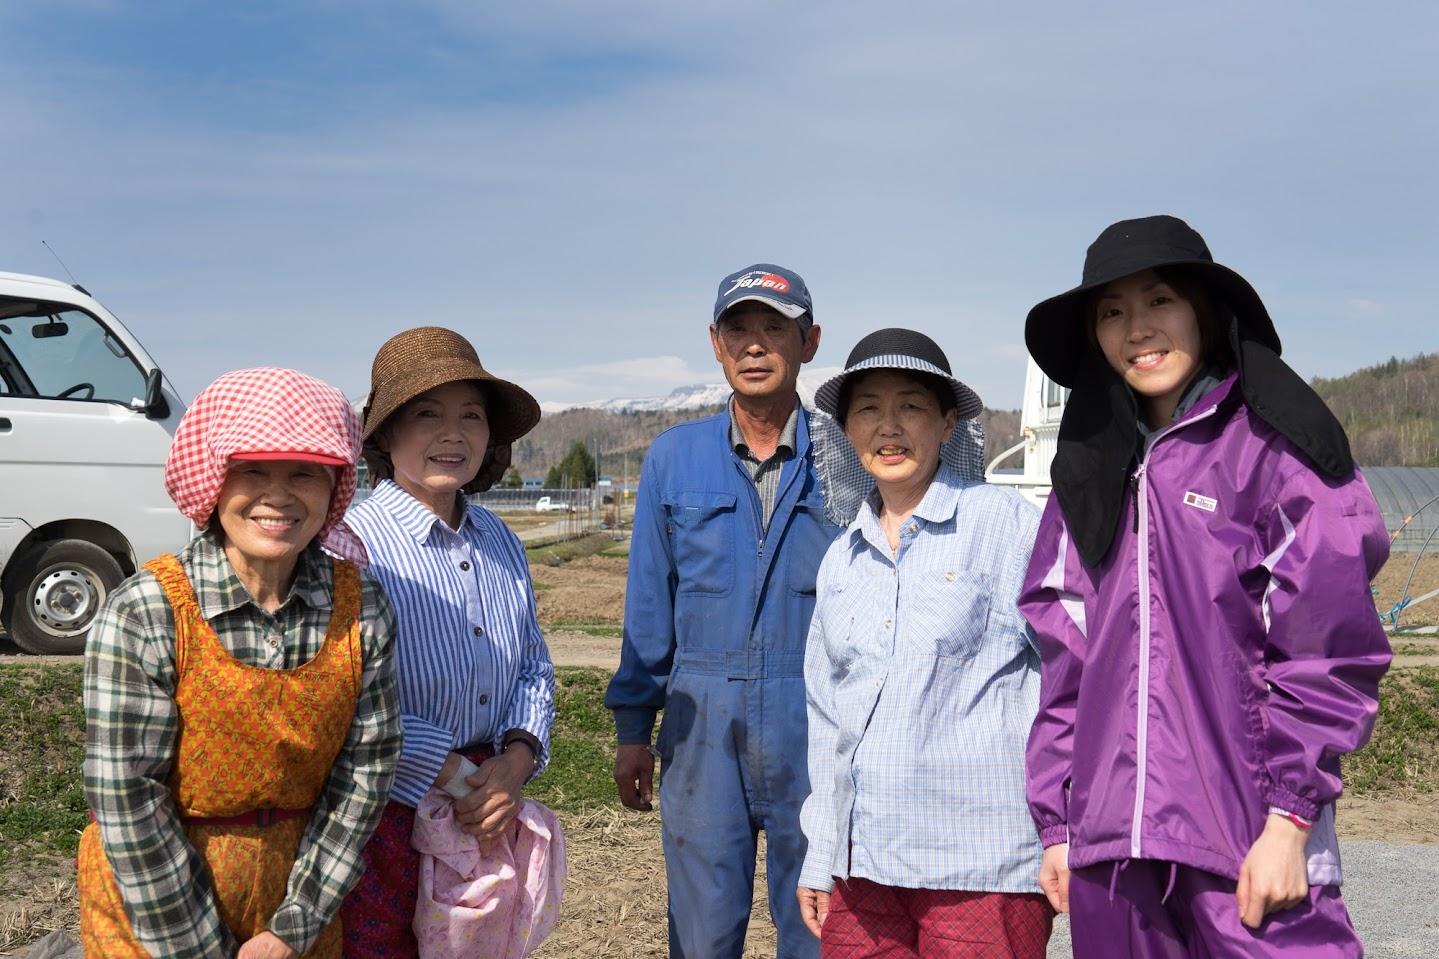 ひまわりスイカ担当の西野利幸理事・元気なお母さん達・農業実習生(右)